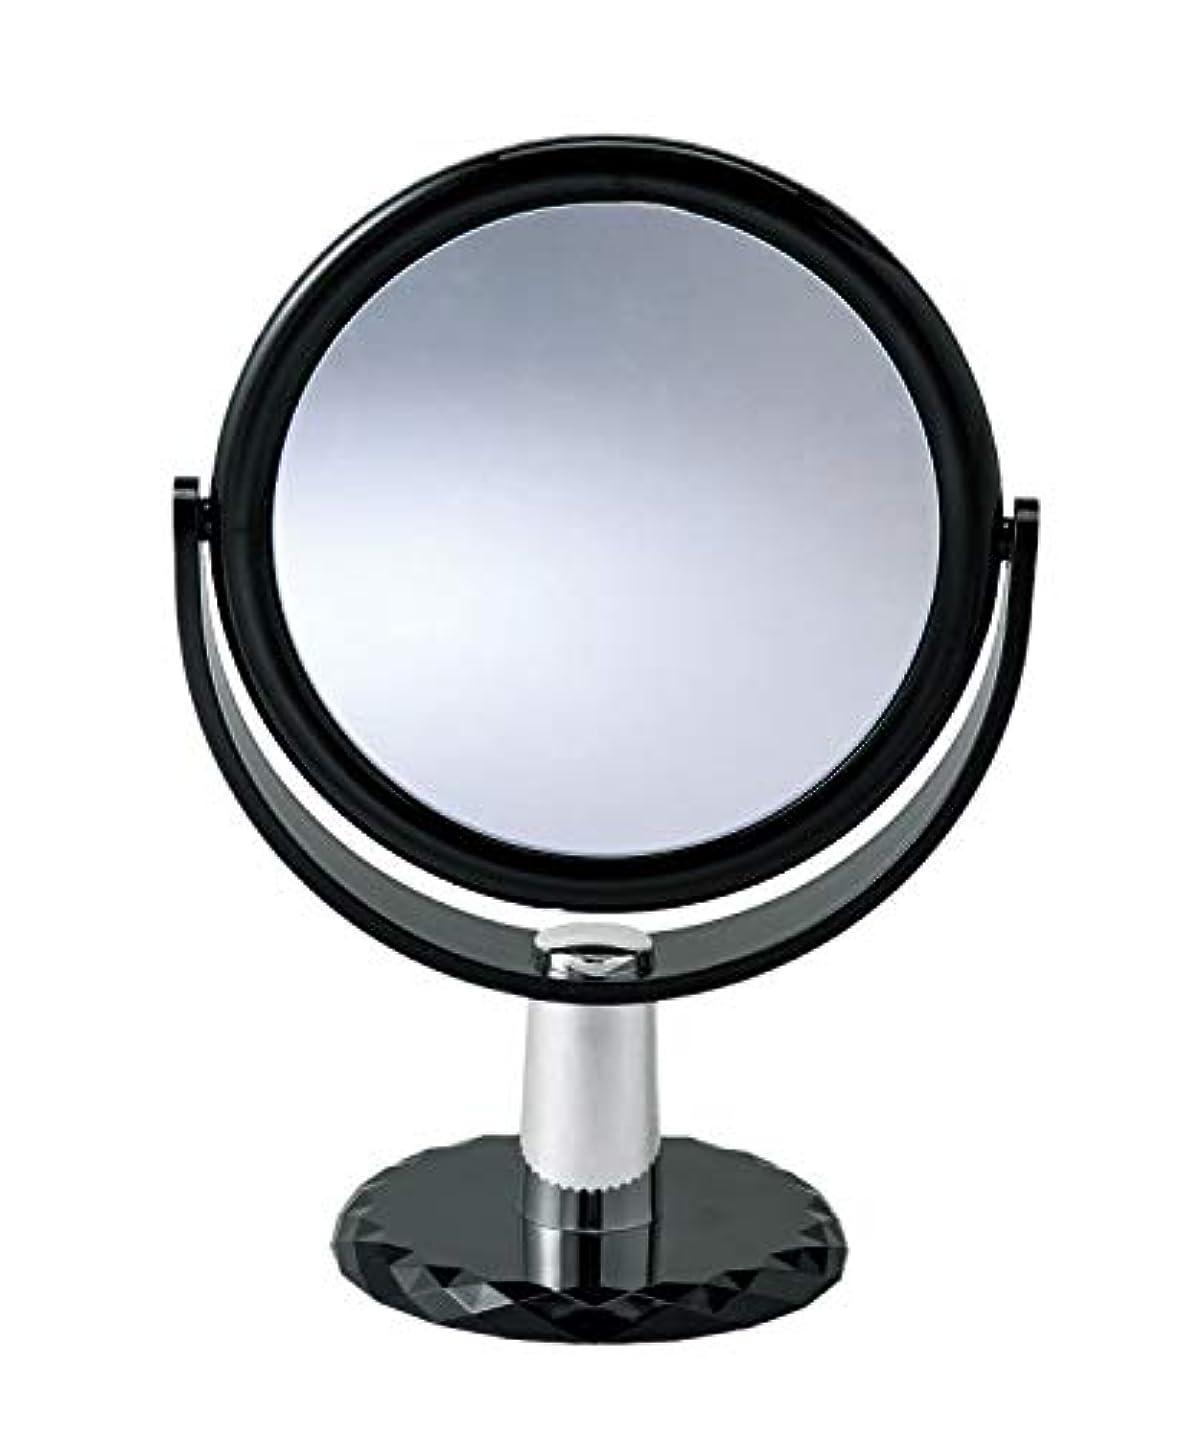 中断達成するレインコート10倍拡大鏡付きの2面ミラー 卓上 スタンドミラー 化粧鏡 メイク 360度回転